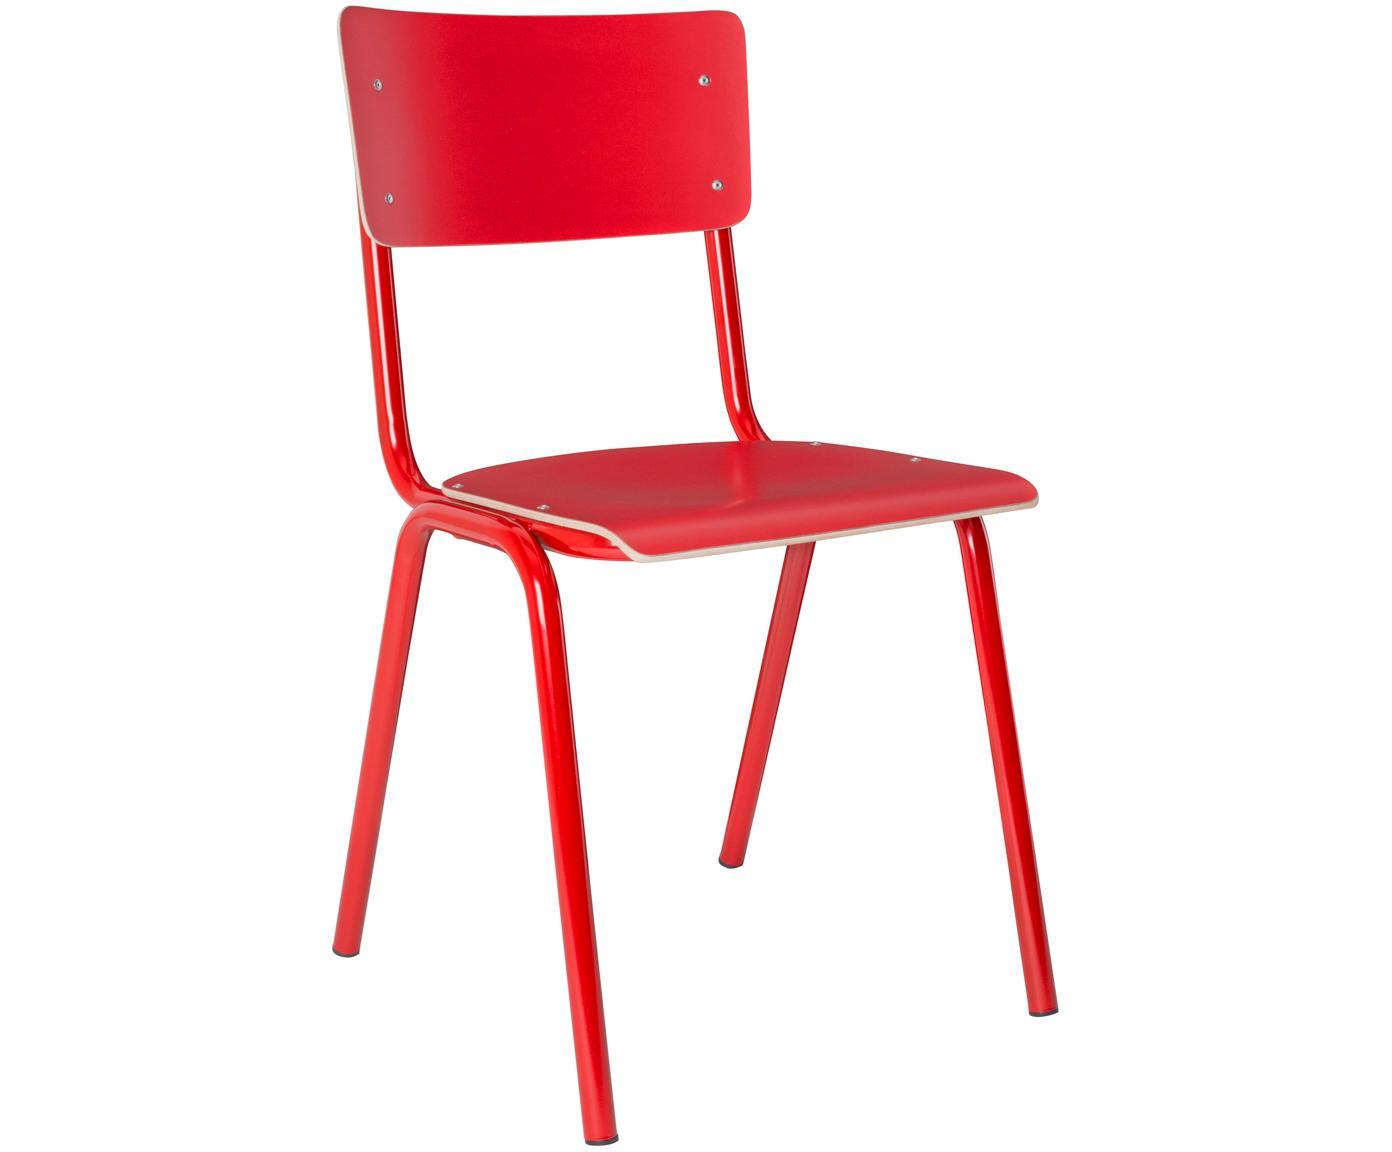 Sedia da pranzo Back to School, Gambe: metallo verniciato a polv, Rosso, Larg. 43 x Prof. 49 cm